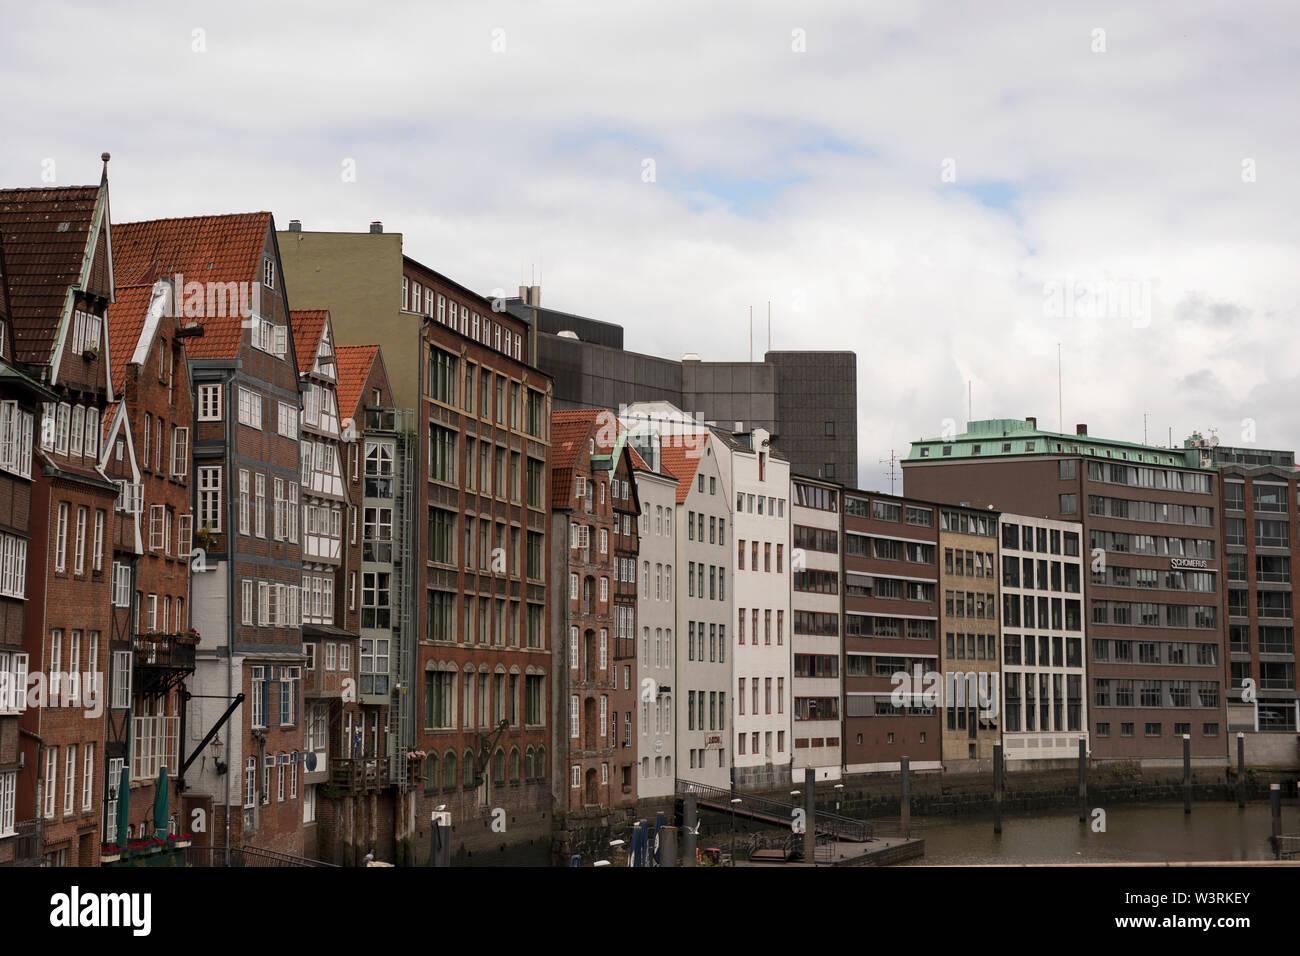 Historische Gebäude an der Deichstraße auf der Nikolaifleet in Hamburg. Die Deichstraße ist die älteste noch erhaltene Straße in der Altstadt. Stockfoto